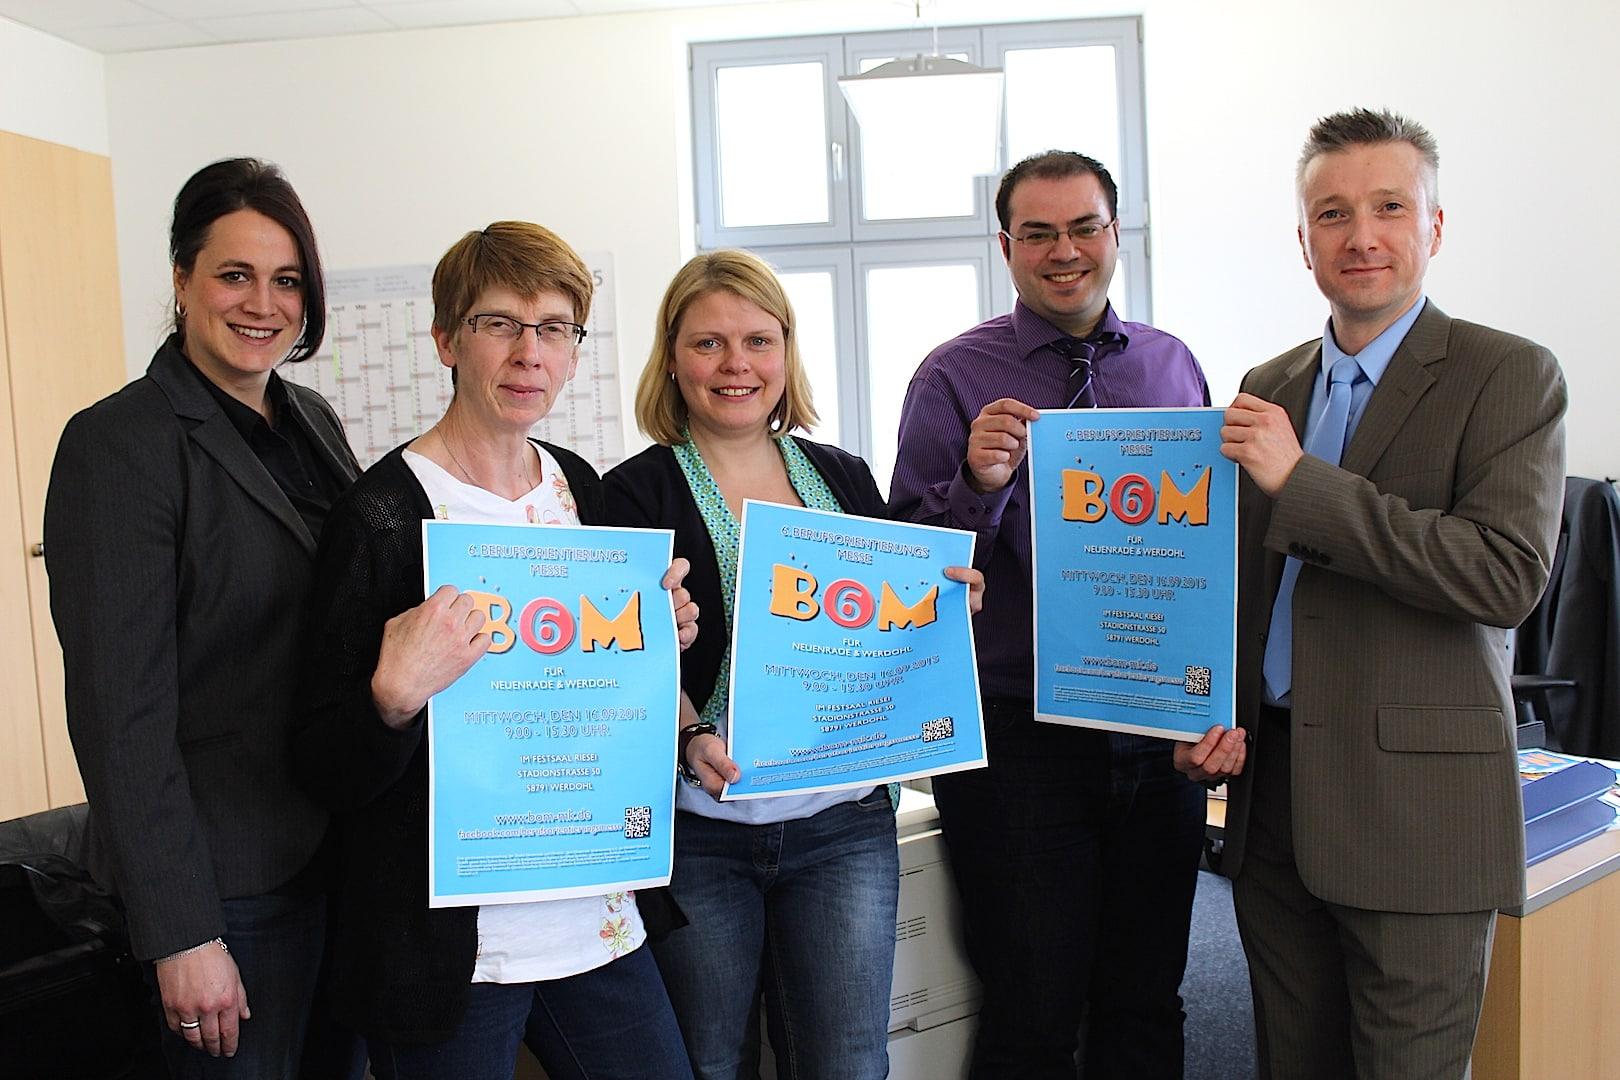 Photo of Werdohl + Neuenrade: Ausbildungsmesse BOM – jetzt als Aussteller anmelden